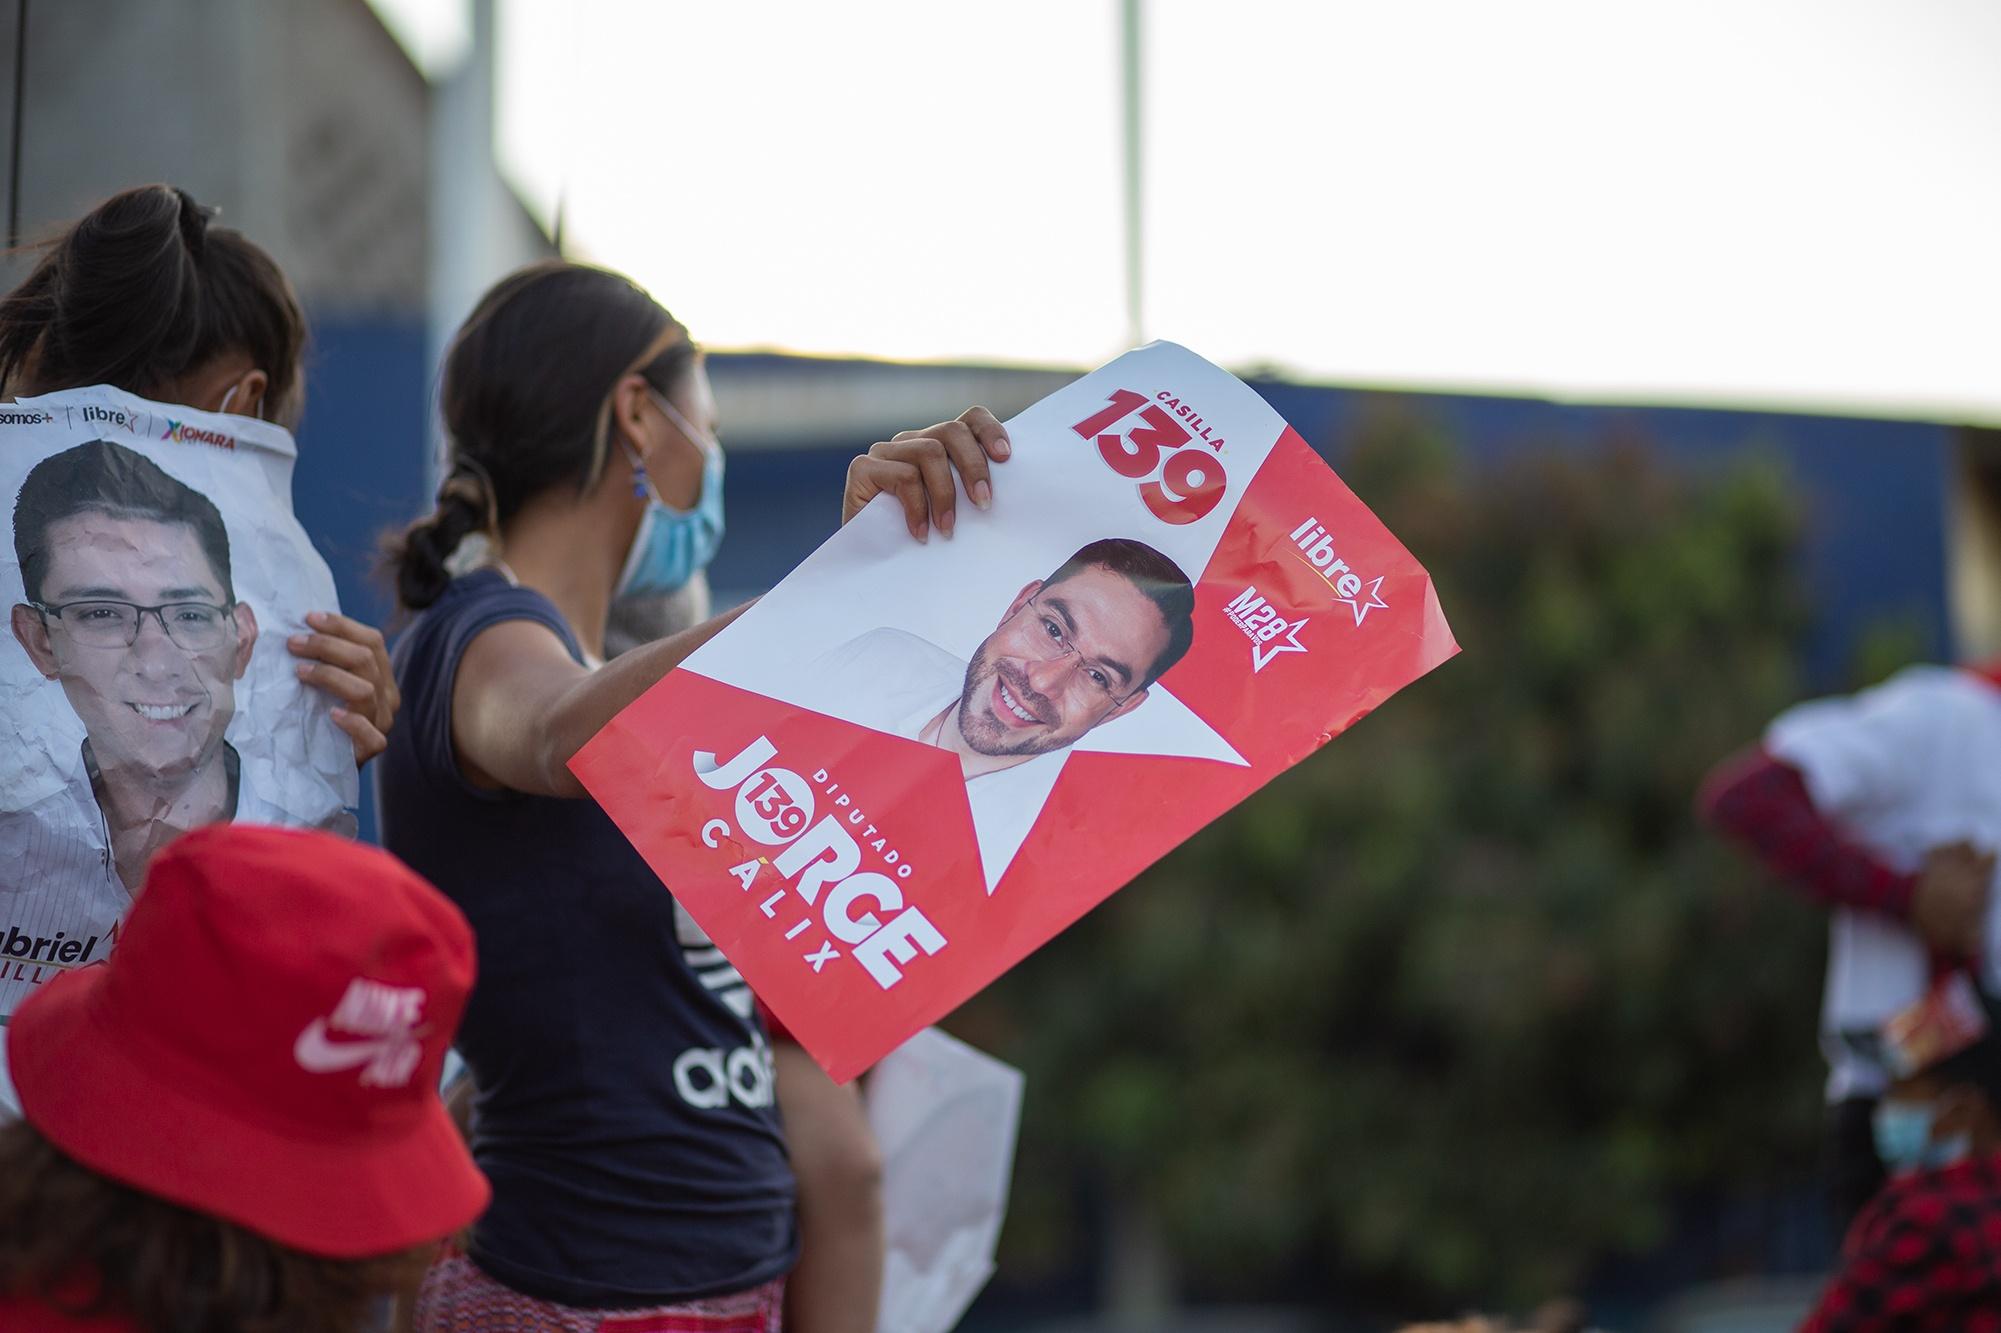 Una simpatizante del Partido Libre sostiene un afiche de la precandidatura por el movimiento M28 de Jorge Cálix, actual diputado por Francisco Morazán. Tegucigalpa, 7 de marzo de 2021. Foto: Martín Cálix.